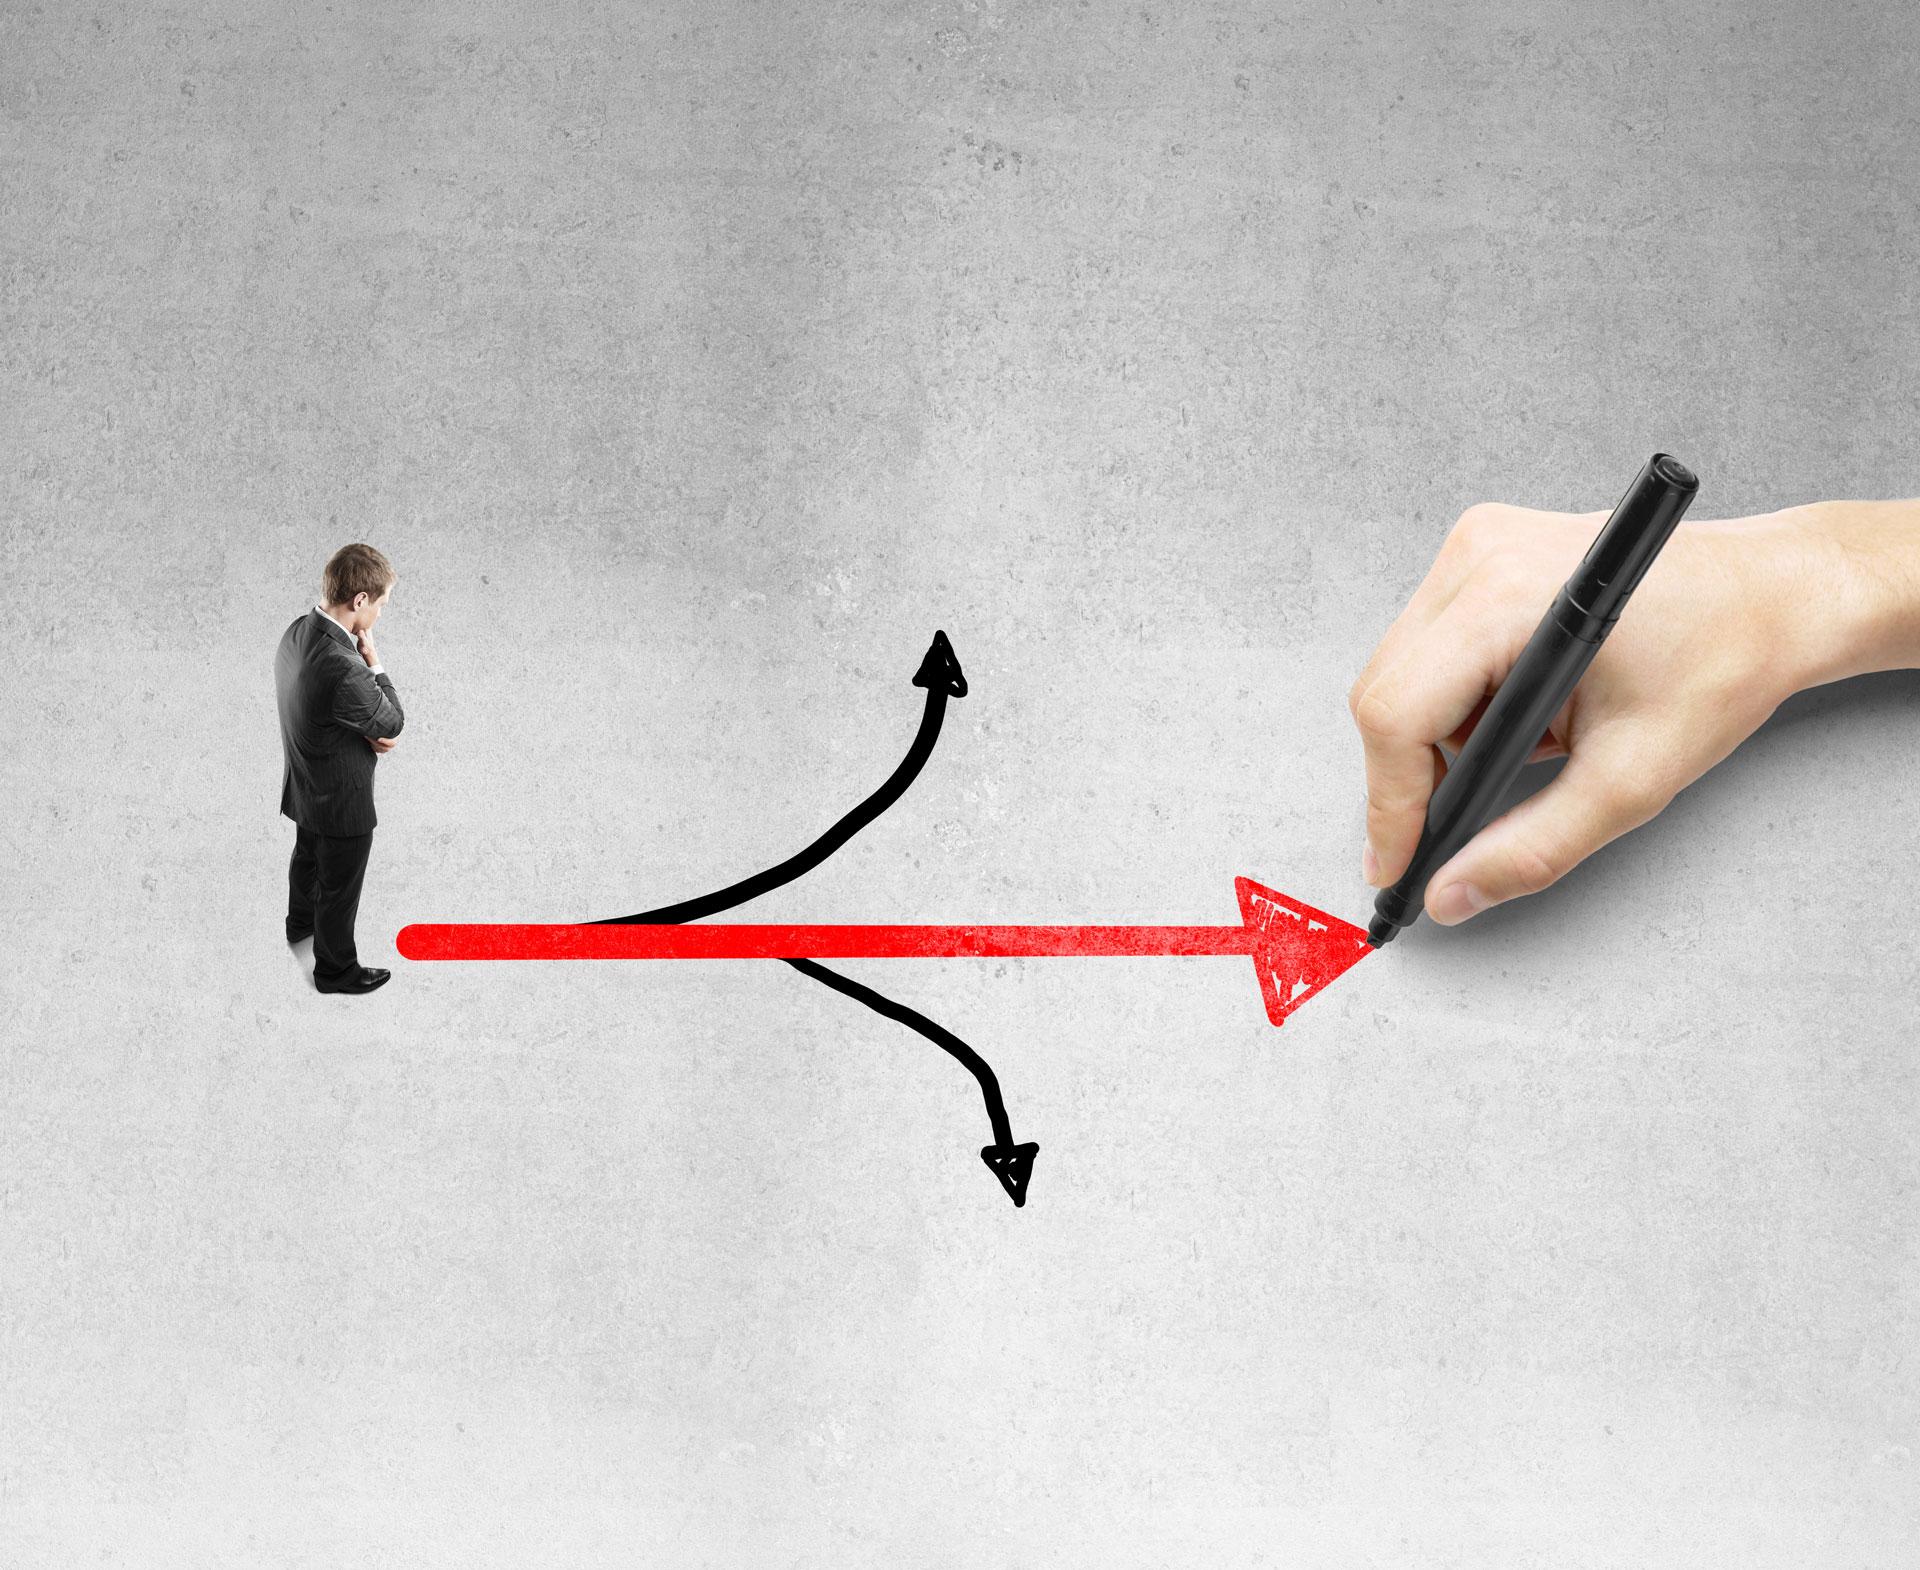 FPC vs. hors-FPC : critères marketing et stratégies gagnantes